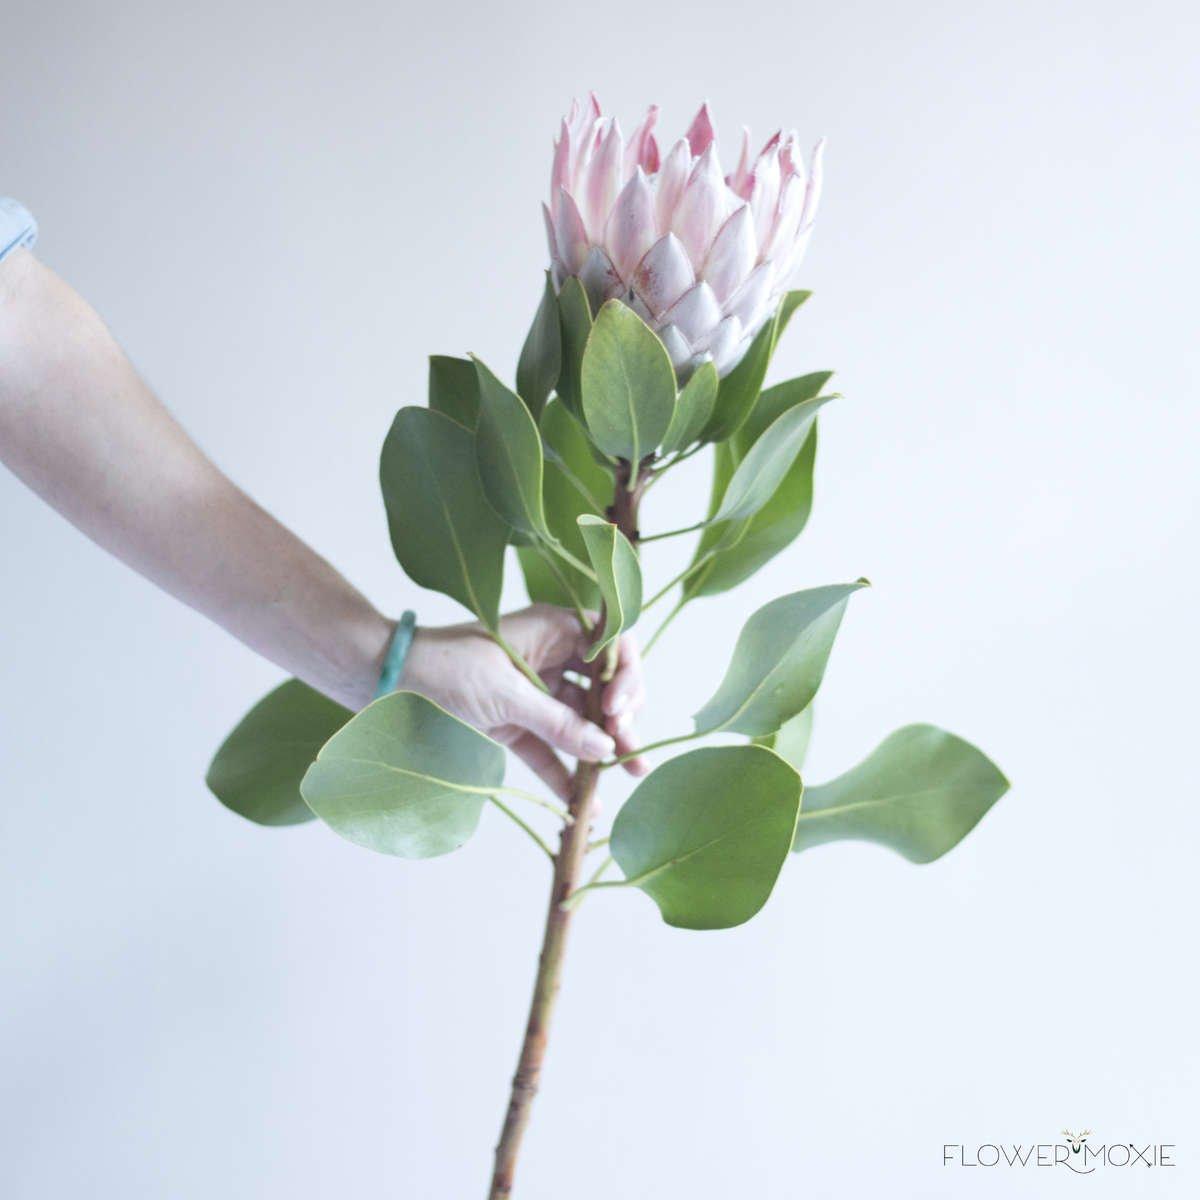 King Protea — Flower Moxie